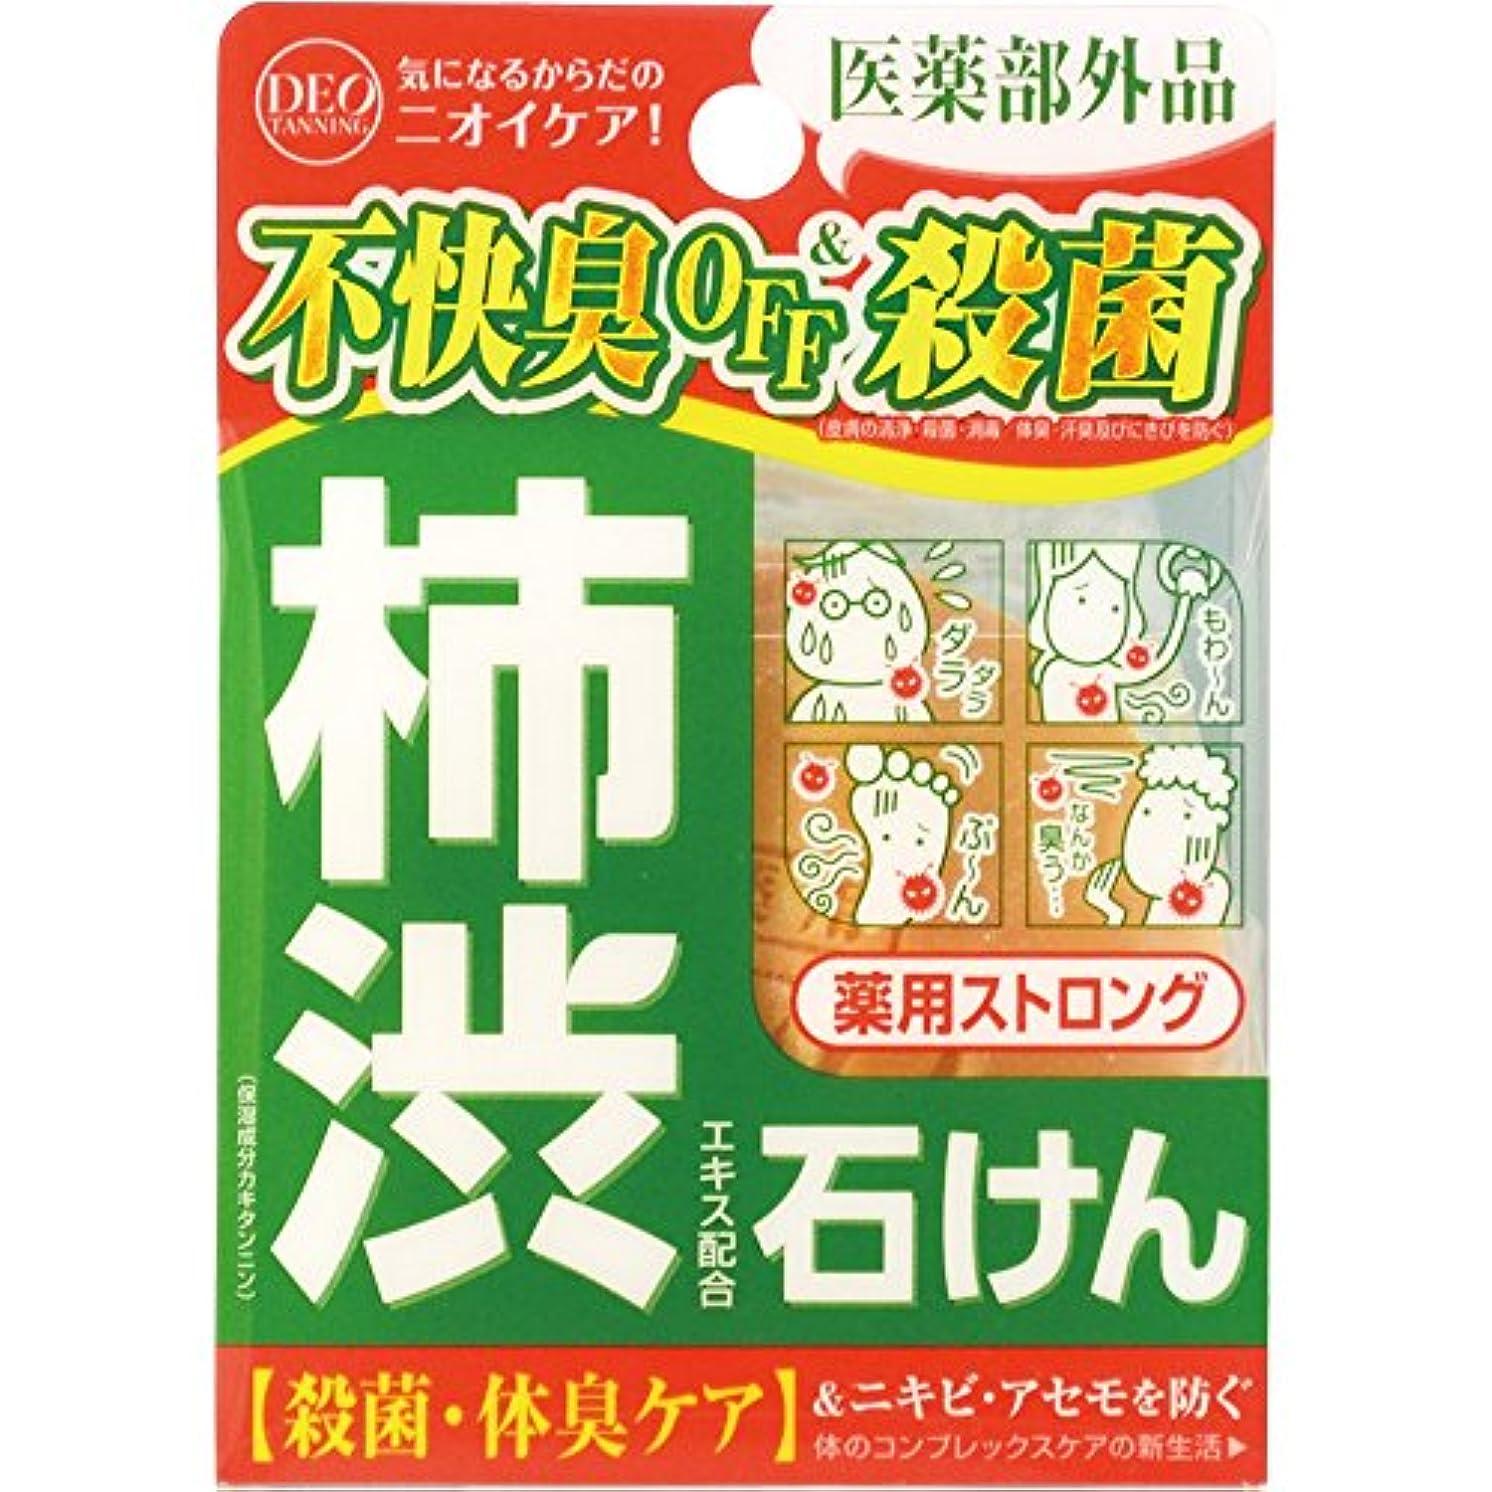 愛情クローン震えるデオタンニング 薬用ストロング ソープ 100g (医薬部外品)